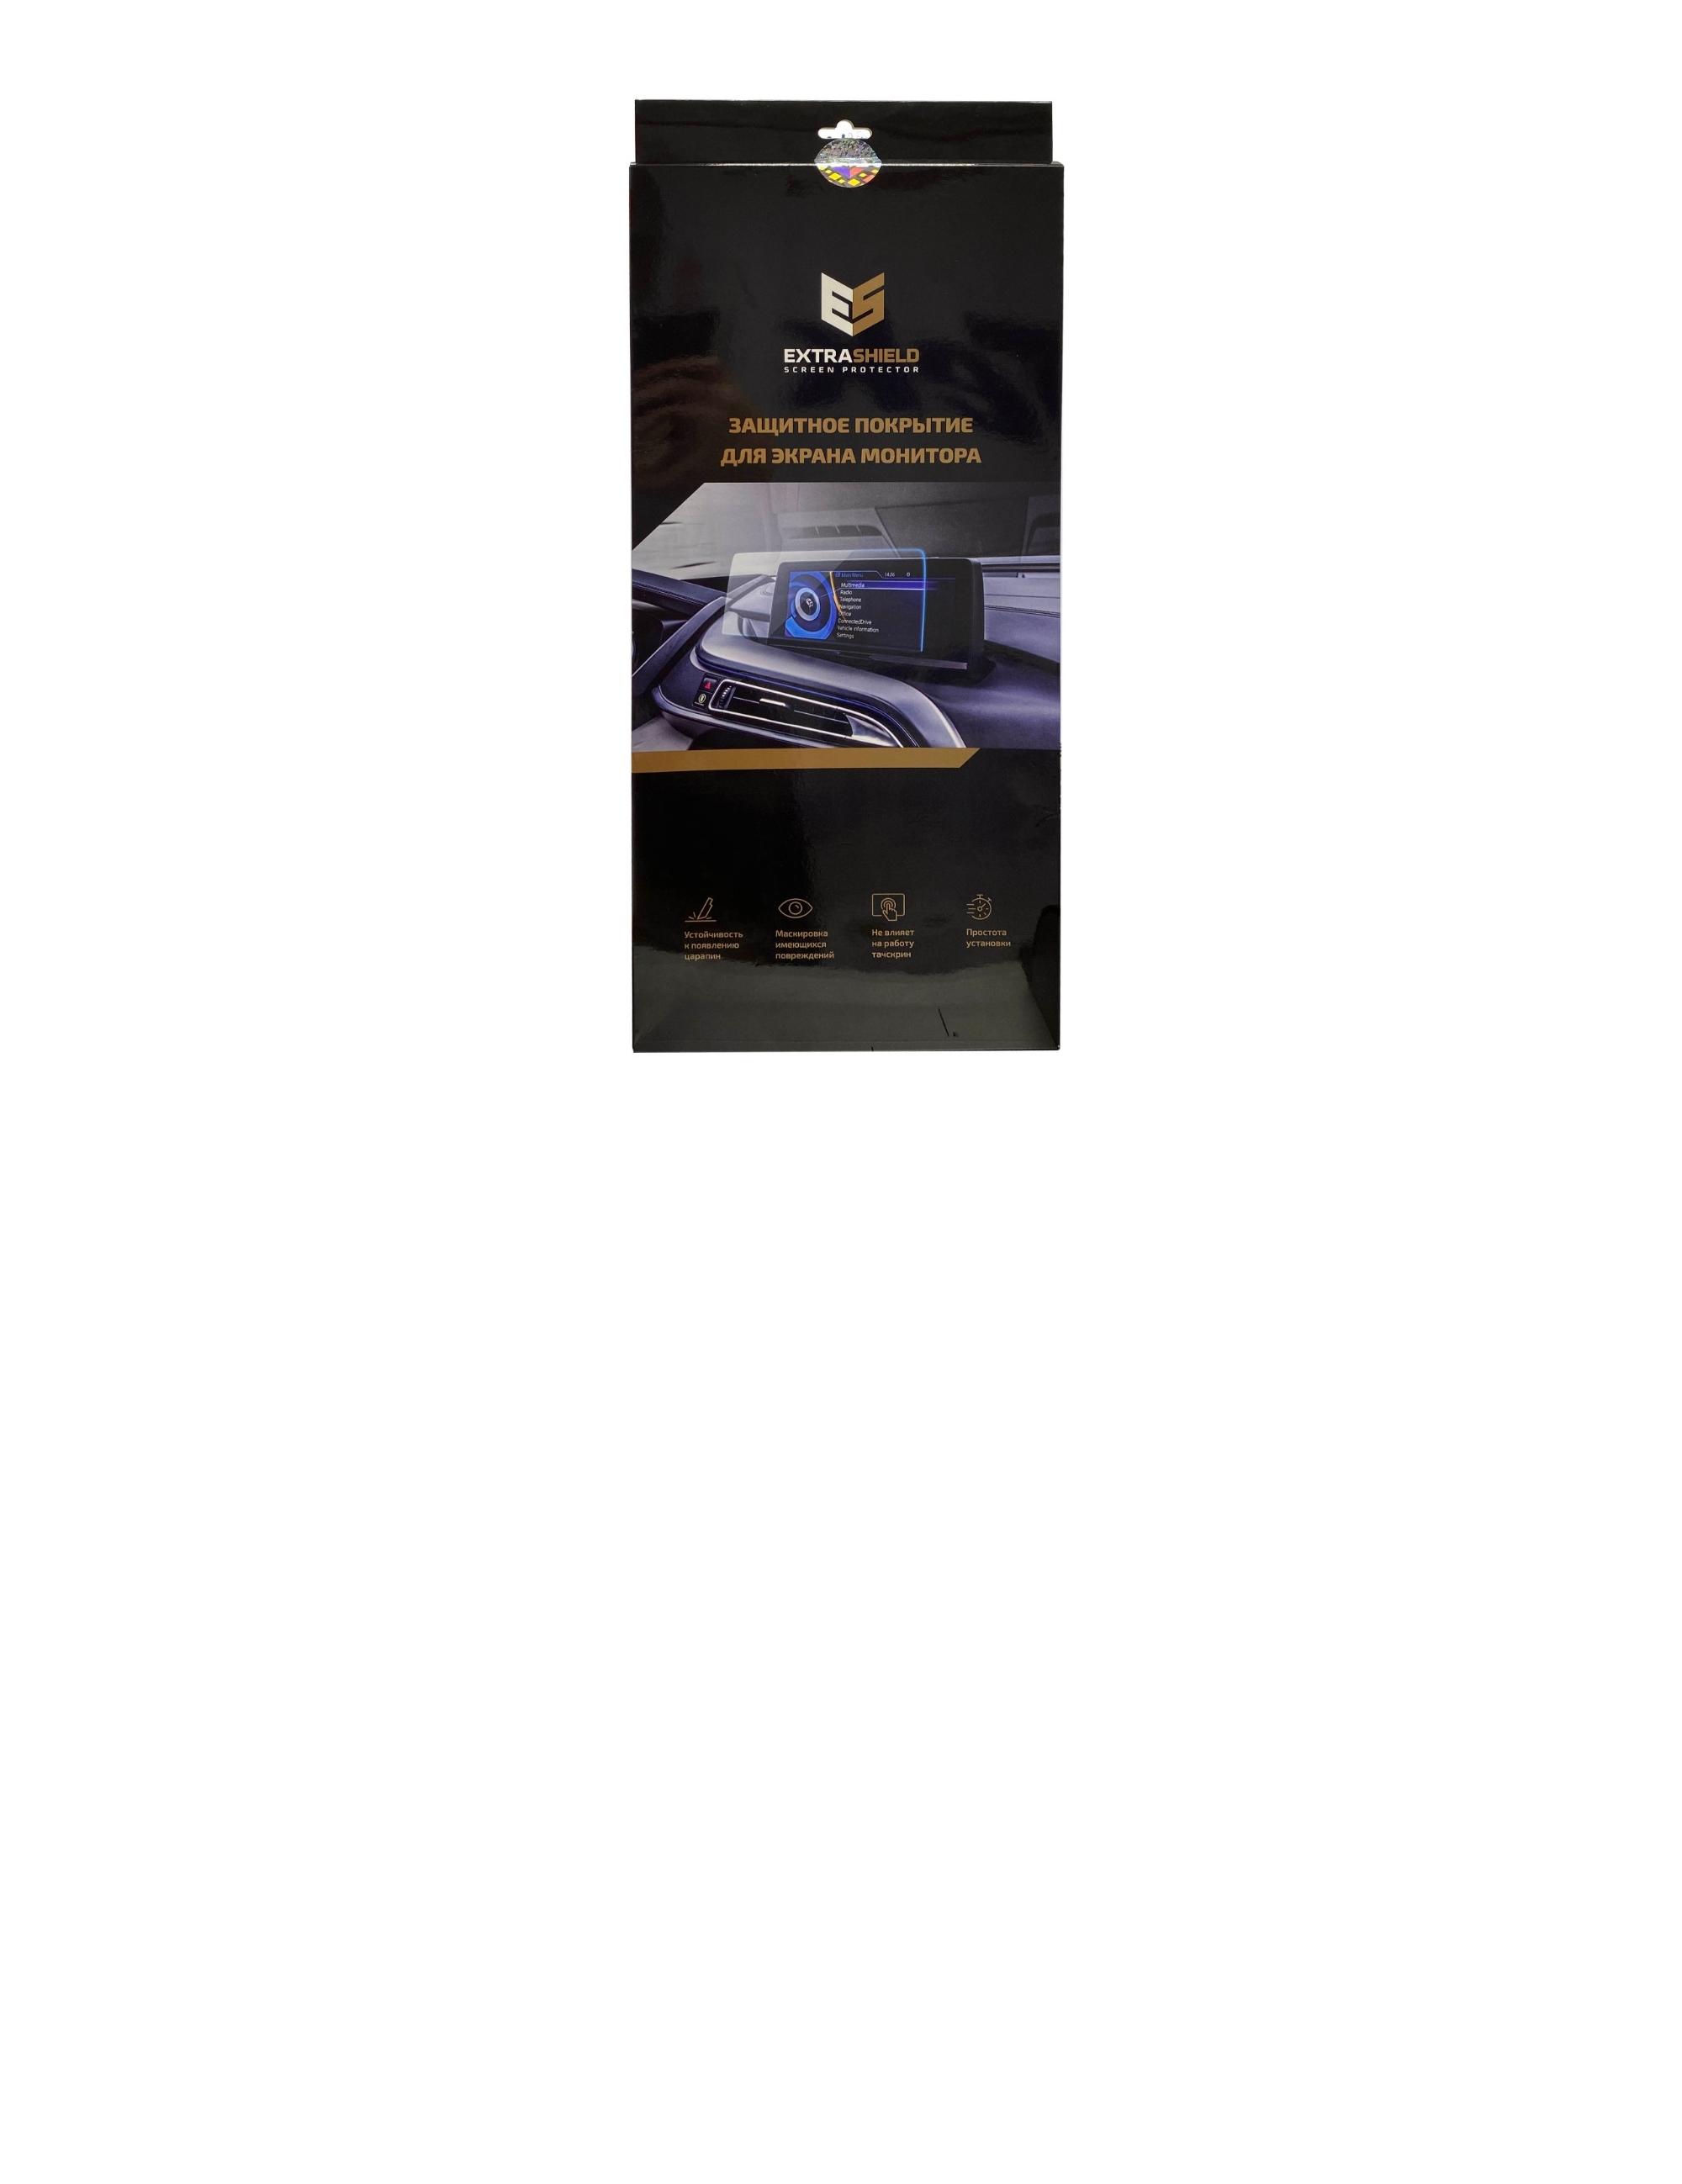 Mercedes-Benz GLE (W166) GLS (X166) 2015 - 2019 мультимедиа 8 Защитное стекло Глянец